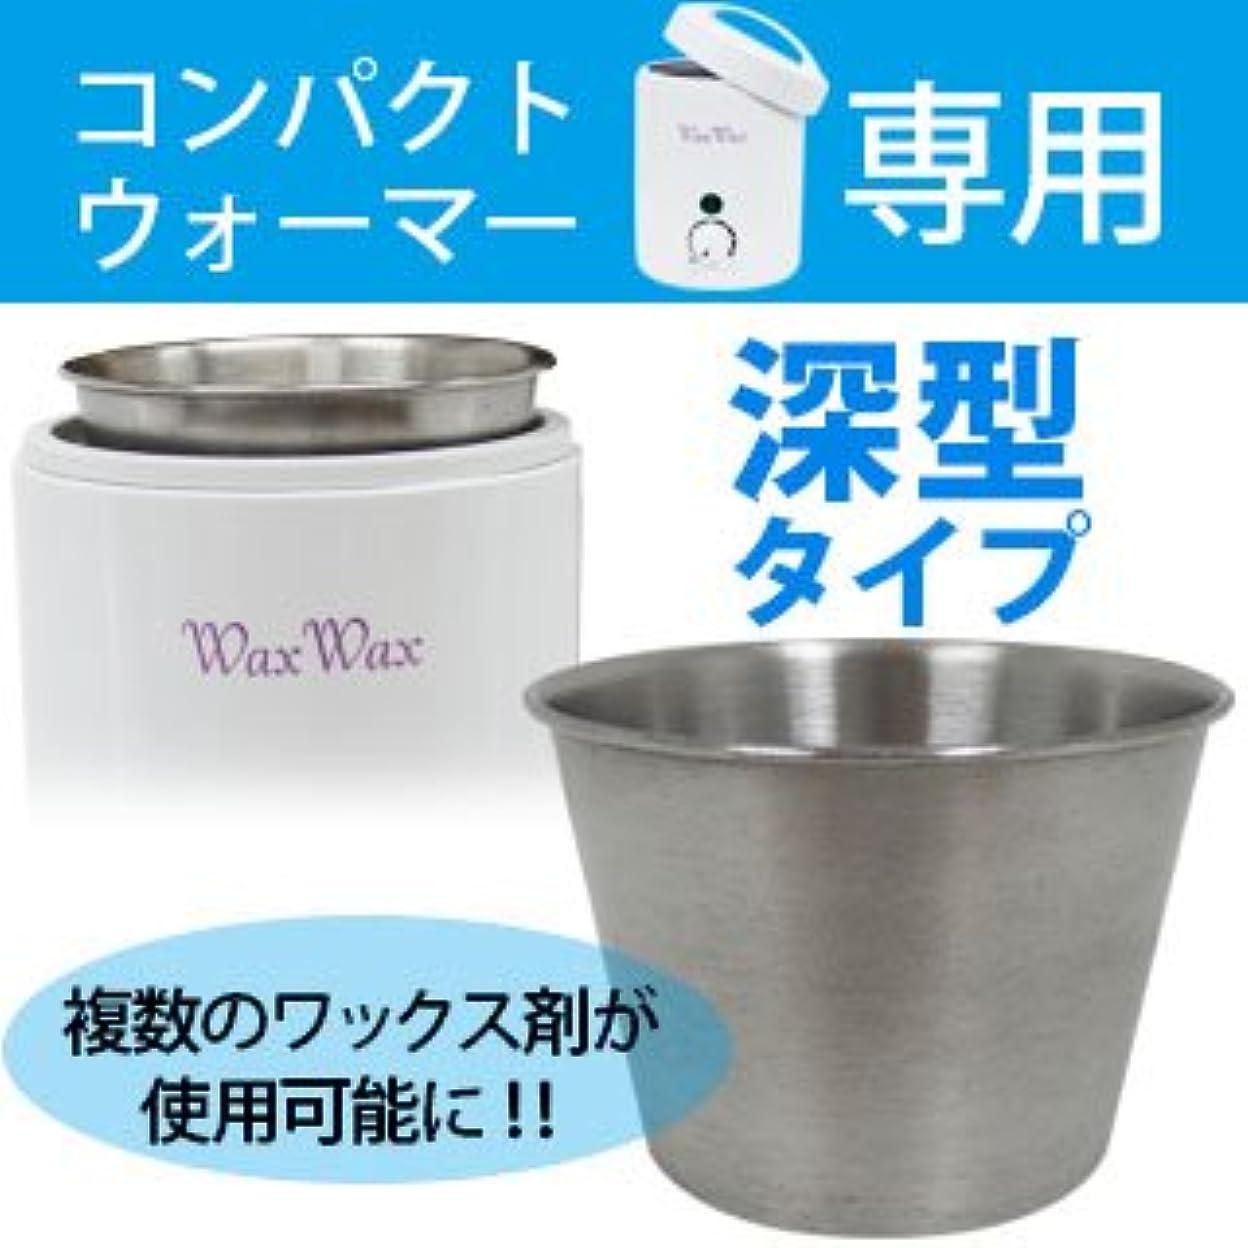 数字華氏スキャンダル【深型】コンパクトウォーマー専用 ハードワックス缶 空き缶 ナベ 鍋 ハード専用